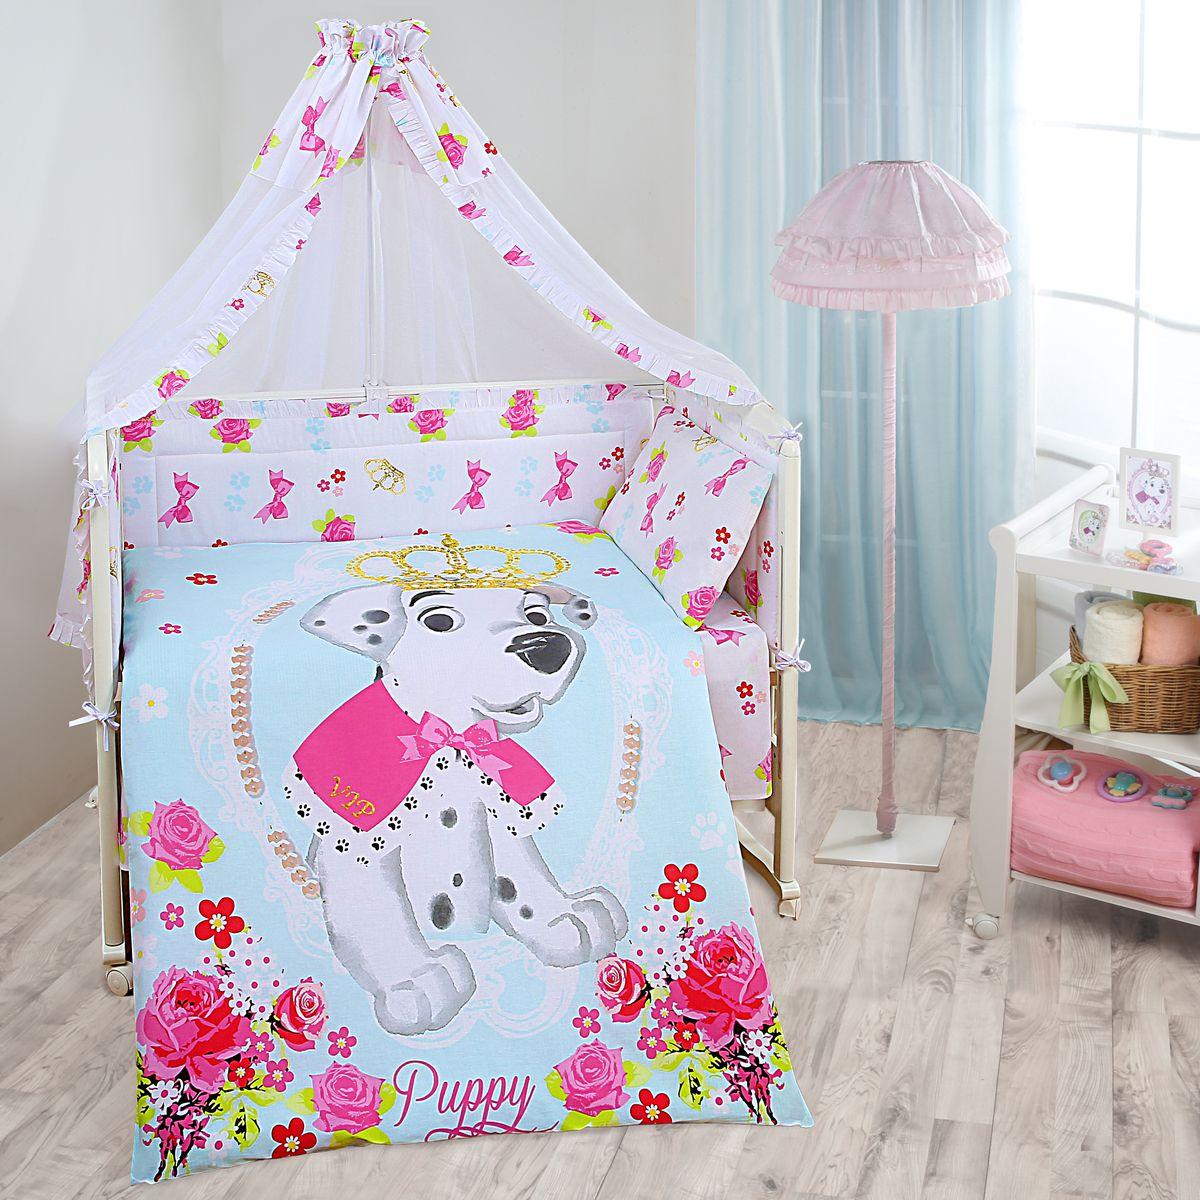 Комплект в кроватку Mona Liza Disney baby Далматинец винтаж, цвет: белый, 7 предметовCLP446Комплект в кроватку Mona Liza Disney baby Далматинец винтаж прекрасно подойдет для кроватки вашего малыша, добавит комнате уюта и согреет в прохладные дни.В качестве материала верха использован натуральный хлопок, мягкая ткань не раздражает чувствительную и нежную кожу ребенка и хорошо вентилируется.Бортик, подушка и одеяло наполнены 100% полиэфиром. Балдахин выполнен из 100% полиэфира с отделкой 100% хлопка. Комплект состоит из: бортиков 40 см х 60 см - 2 шт, 40 см х 120 см - 2 шт, балдахина 150 см х 300 см,плоской подушки 40 см х 60 см,зимнего одеяла 105 см х 140 см,пододеяльника 110 см х 145 см,наволочки 40 см х 60 см,простыни 100 см х 145 см.Элементы комплекта выполнены из 100% хлопка и оформлены аппликацией в виде забавного щенка далматинца.Очень важно, чтобы ваш малыш хорошо спал - это залог его здоровья, а значит вашего спокойствия. Согласно рекомендациям детских врачей, лучше всего приобретать изделия только с натуральными наполнителями. Они обеспечивают идеальный термо- и гидробаланс сна вашему малышу.